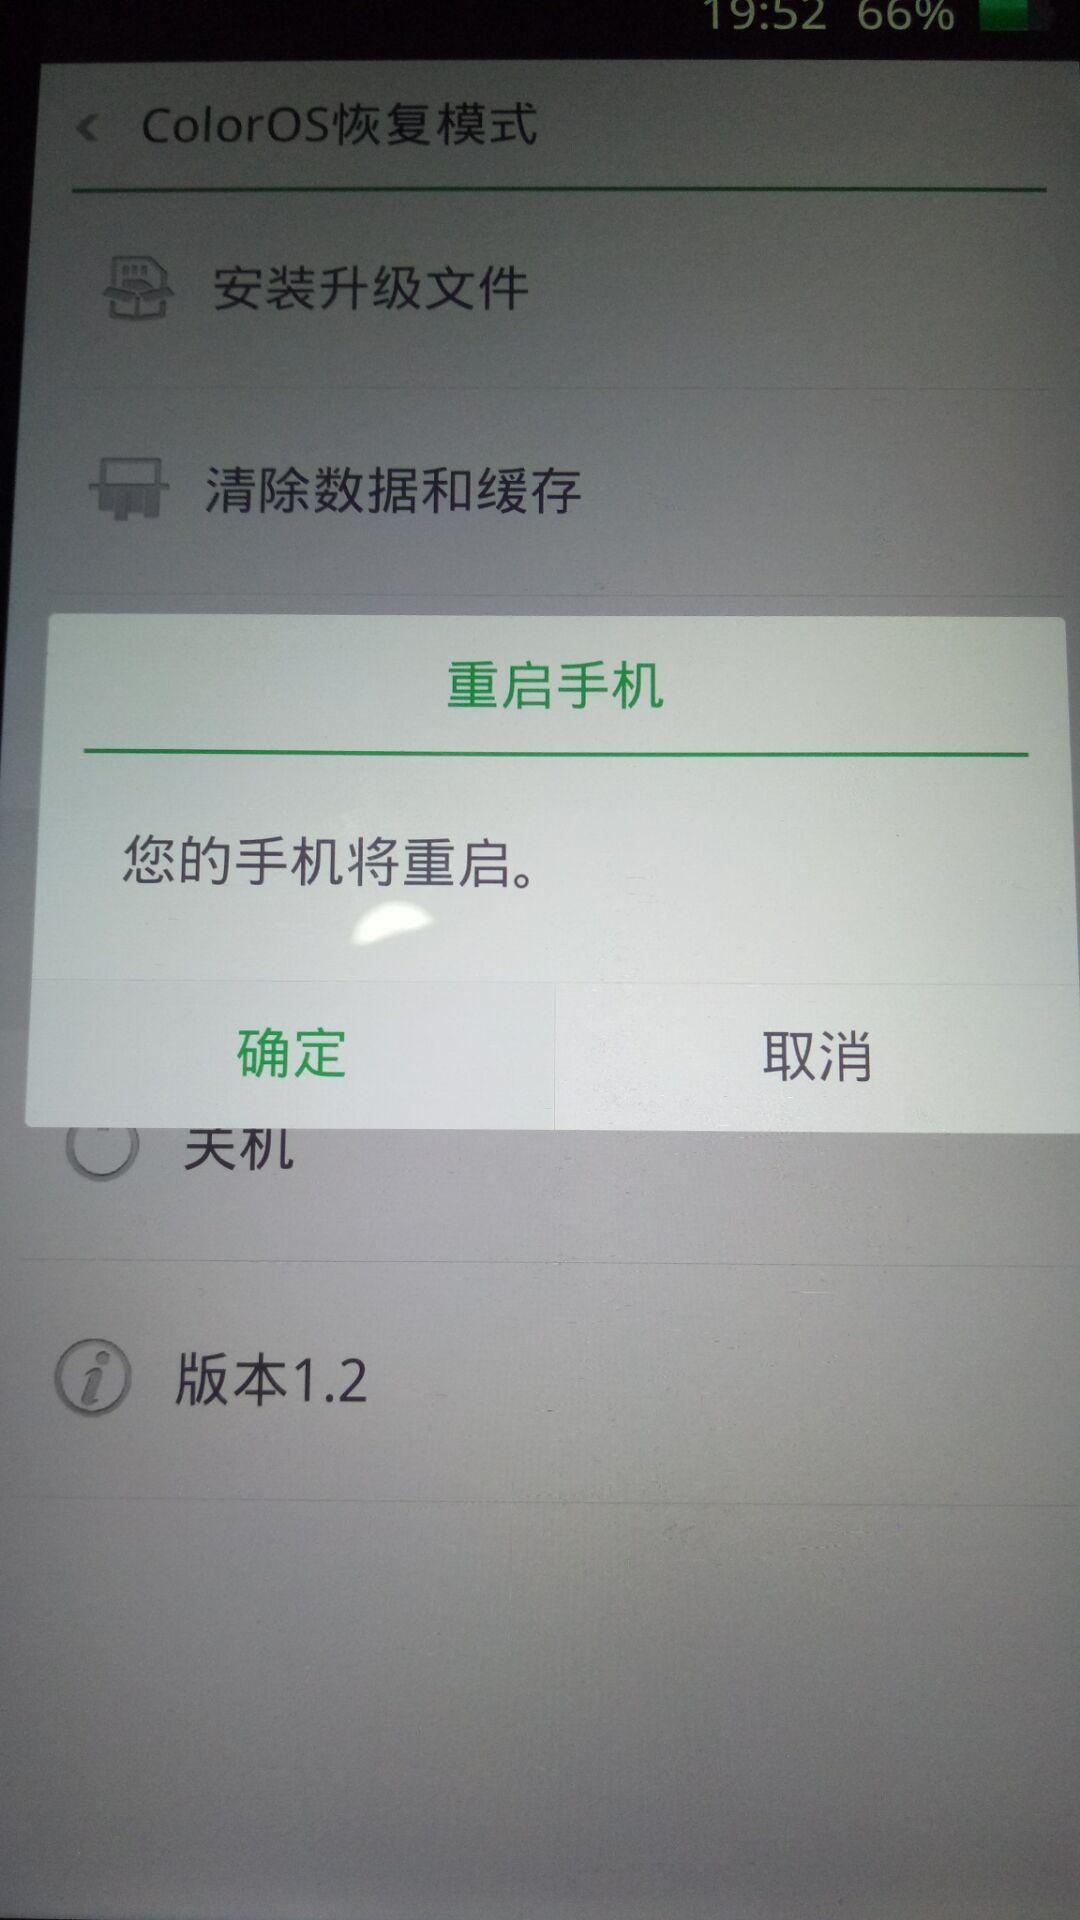 oppo手机解锁密码忘了怎么办